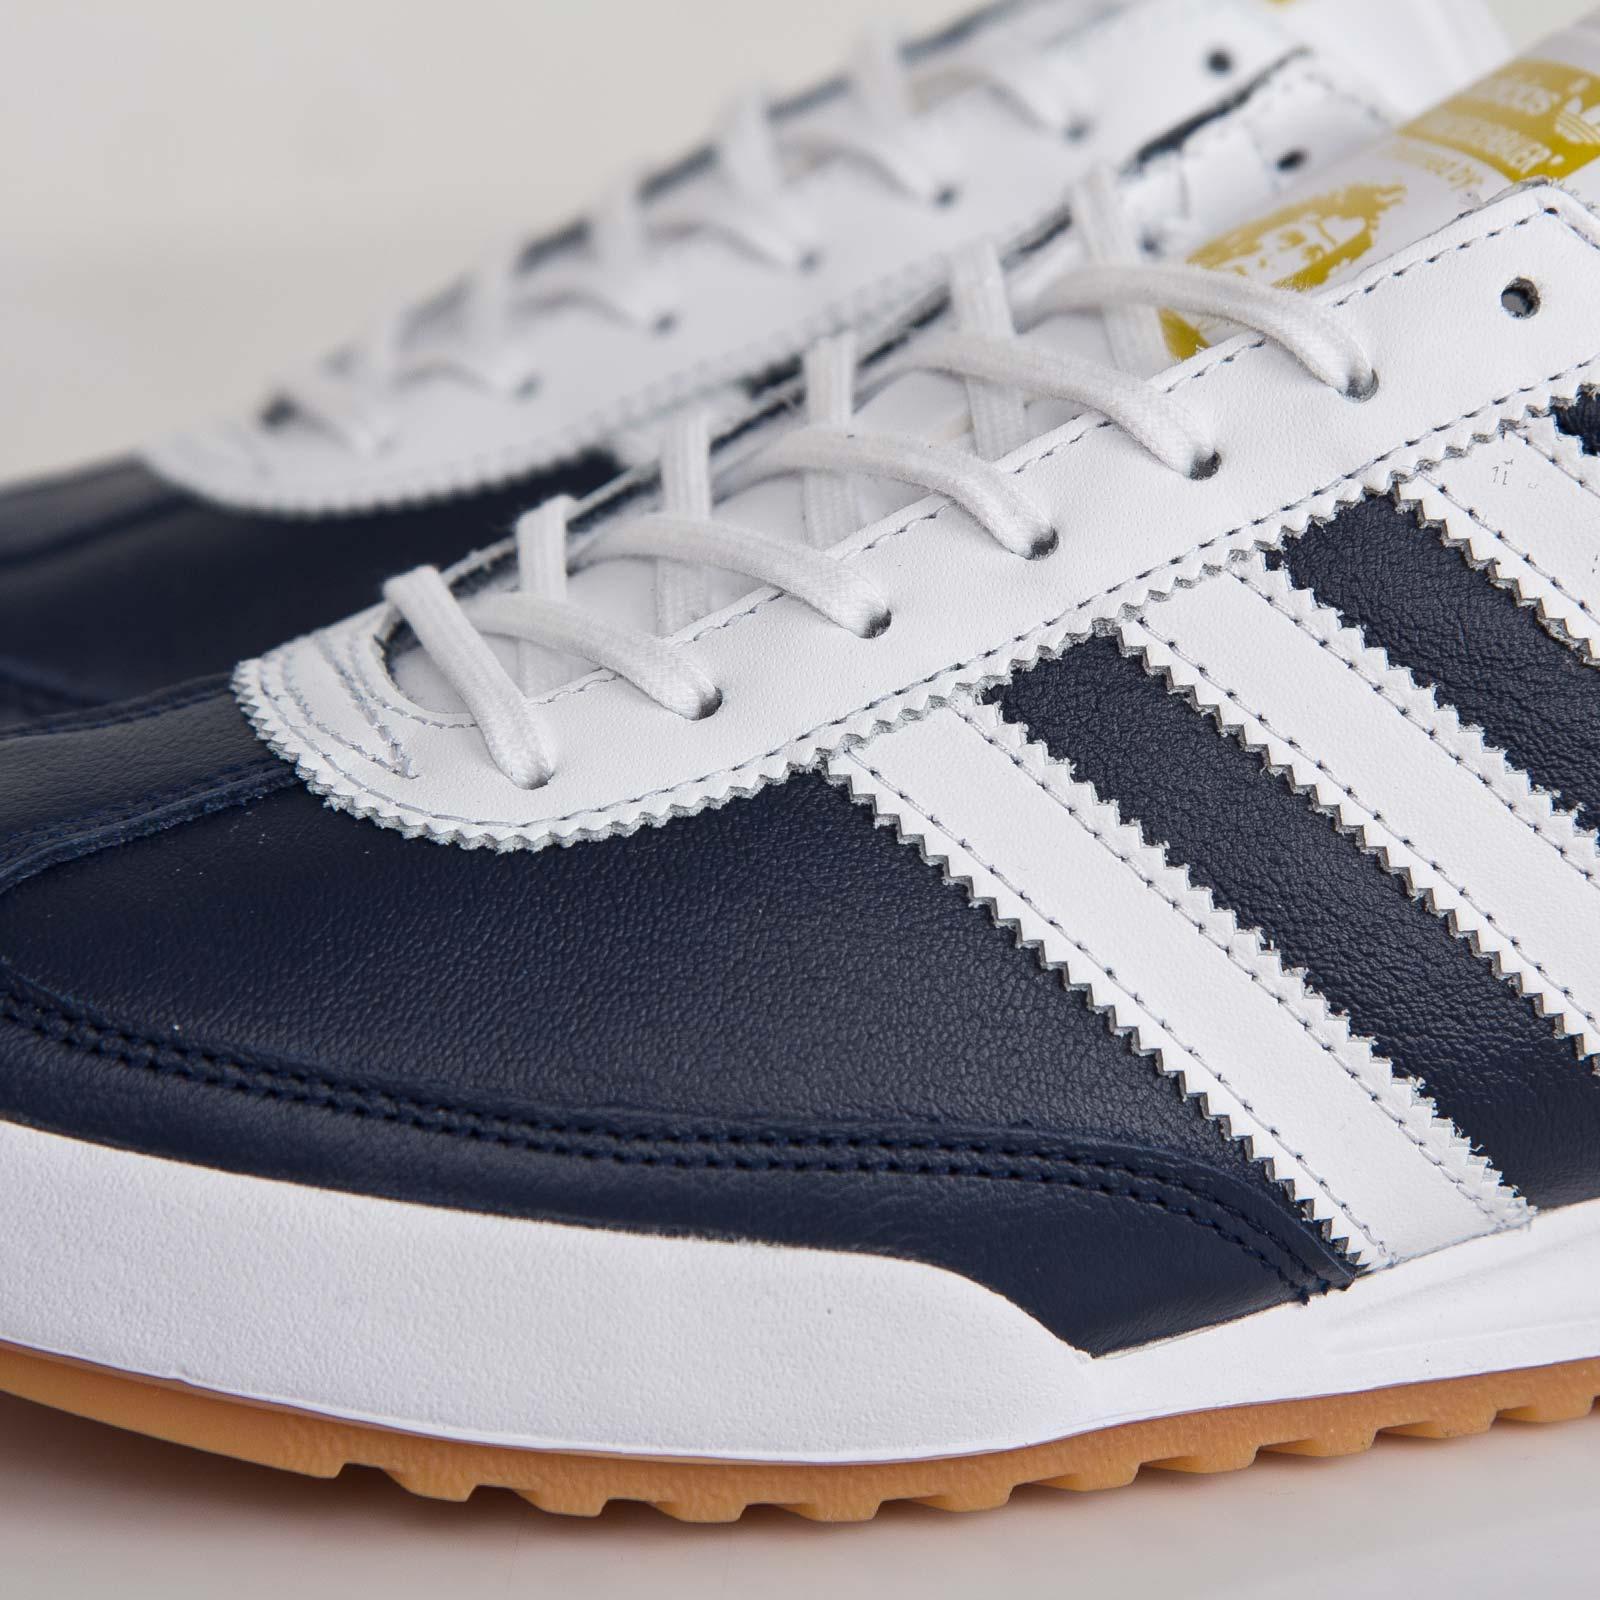 adidas beckenbauer sneaker